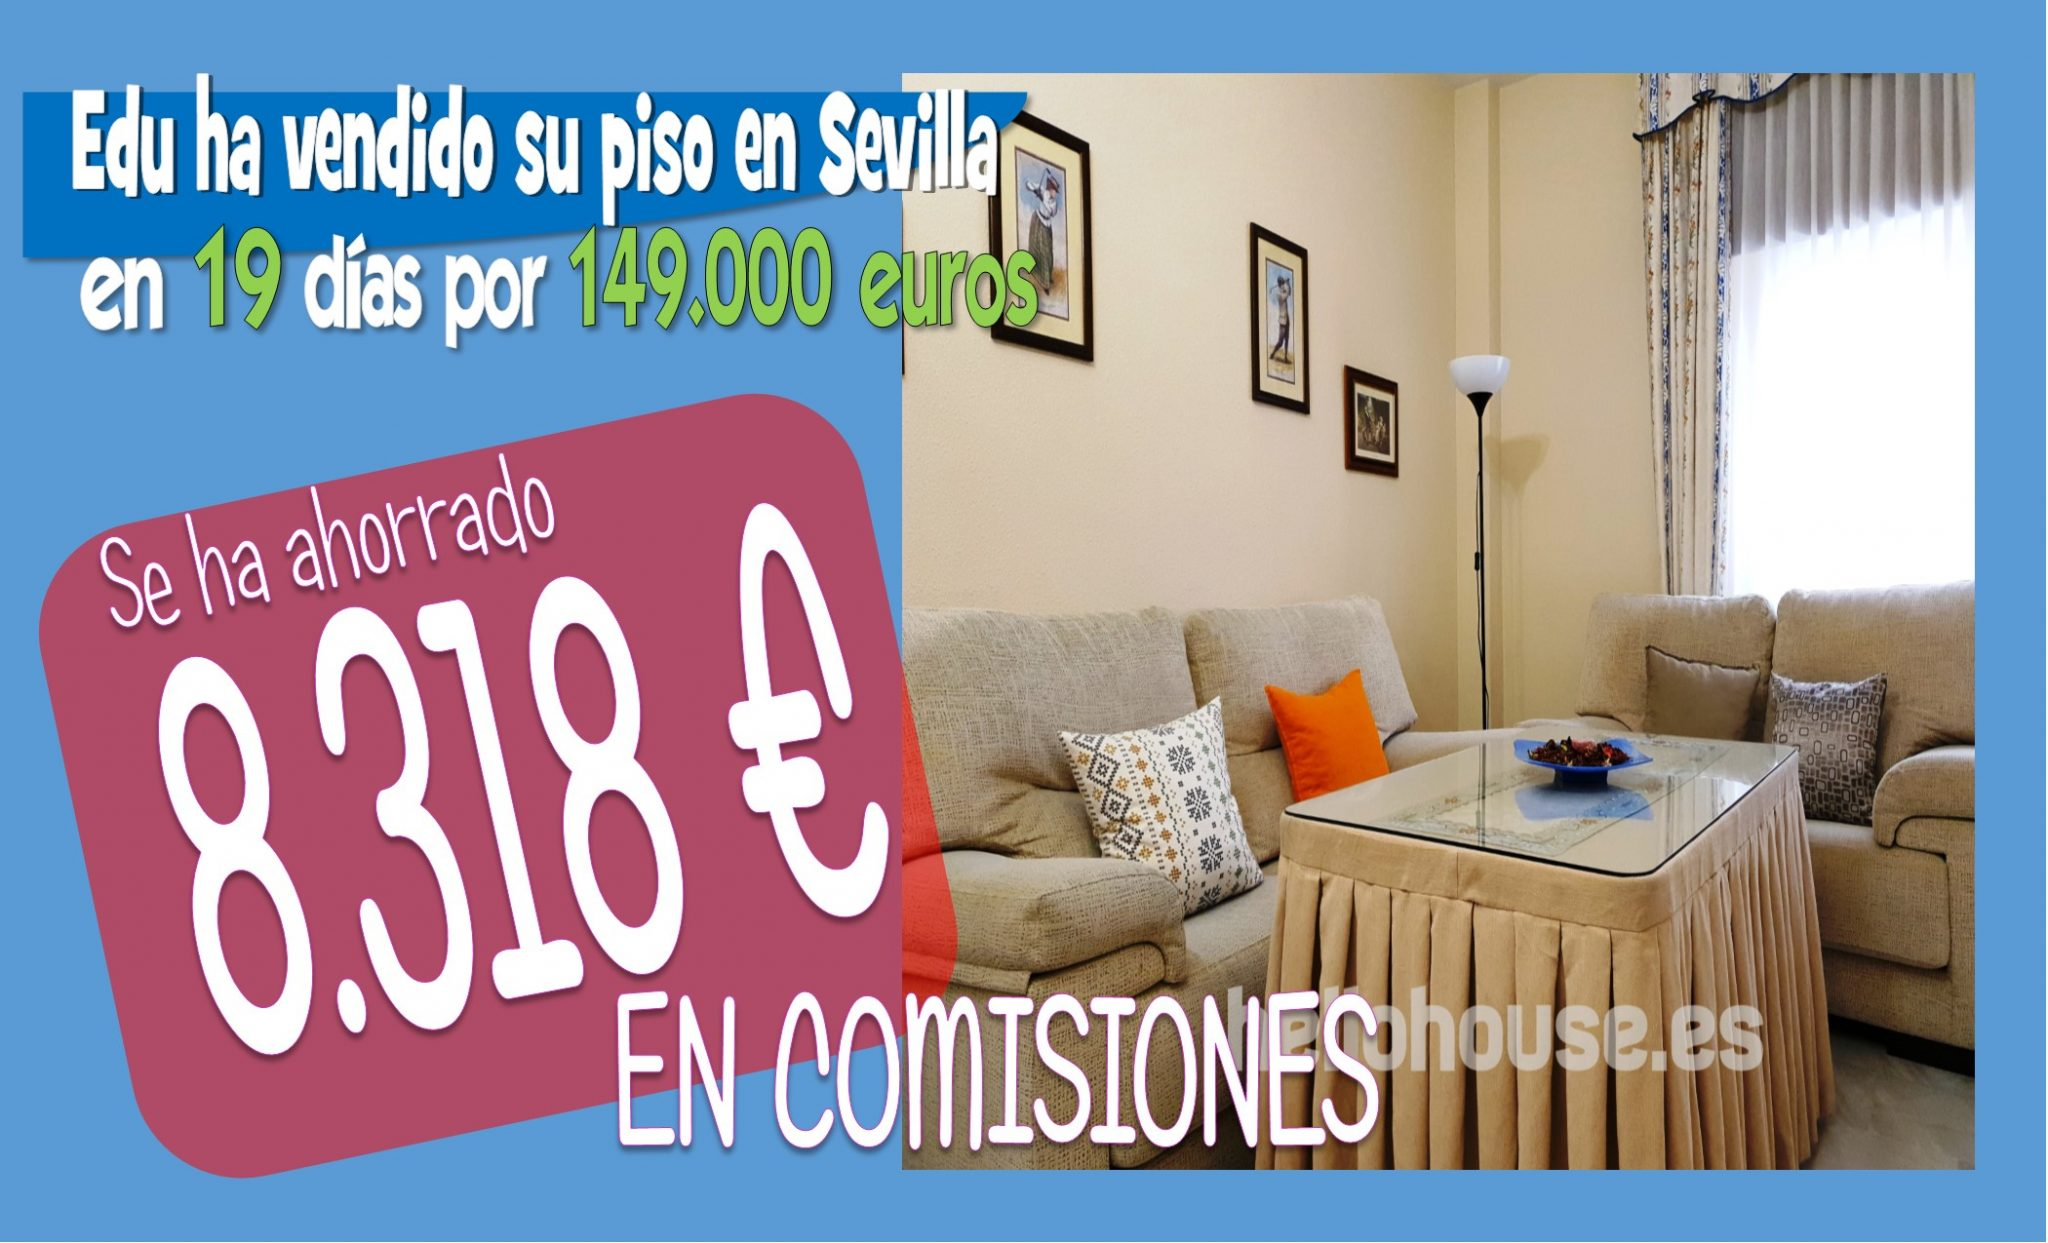 Ahorra miles de euros vendiendo entre particulares explica el ahorro de un propietario vendiendo en Sevilla su piso con el metodo hello house